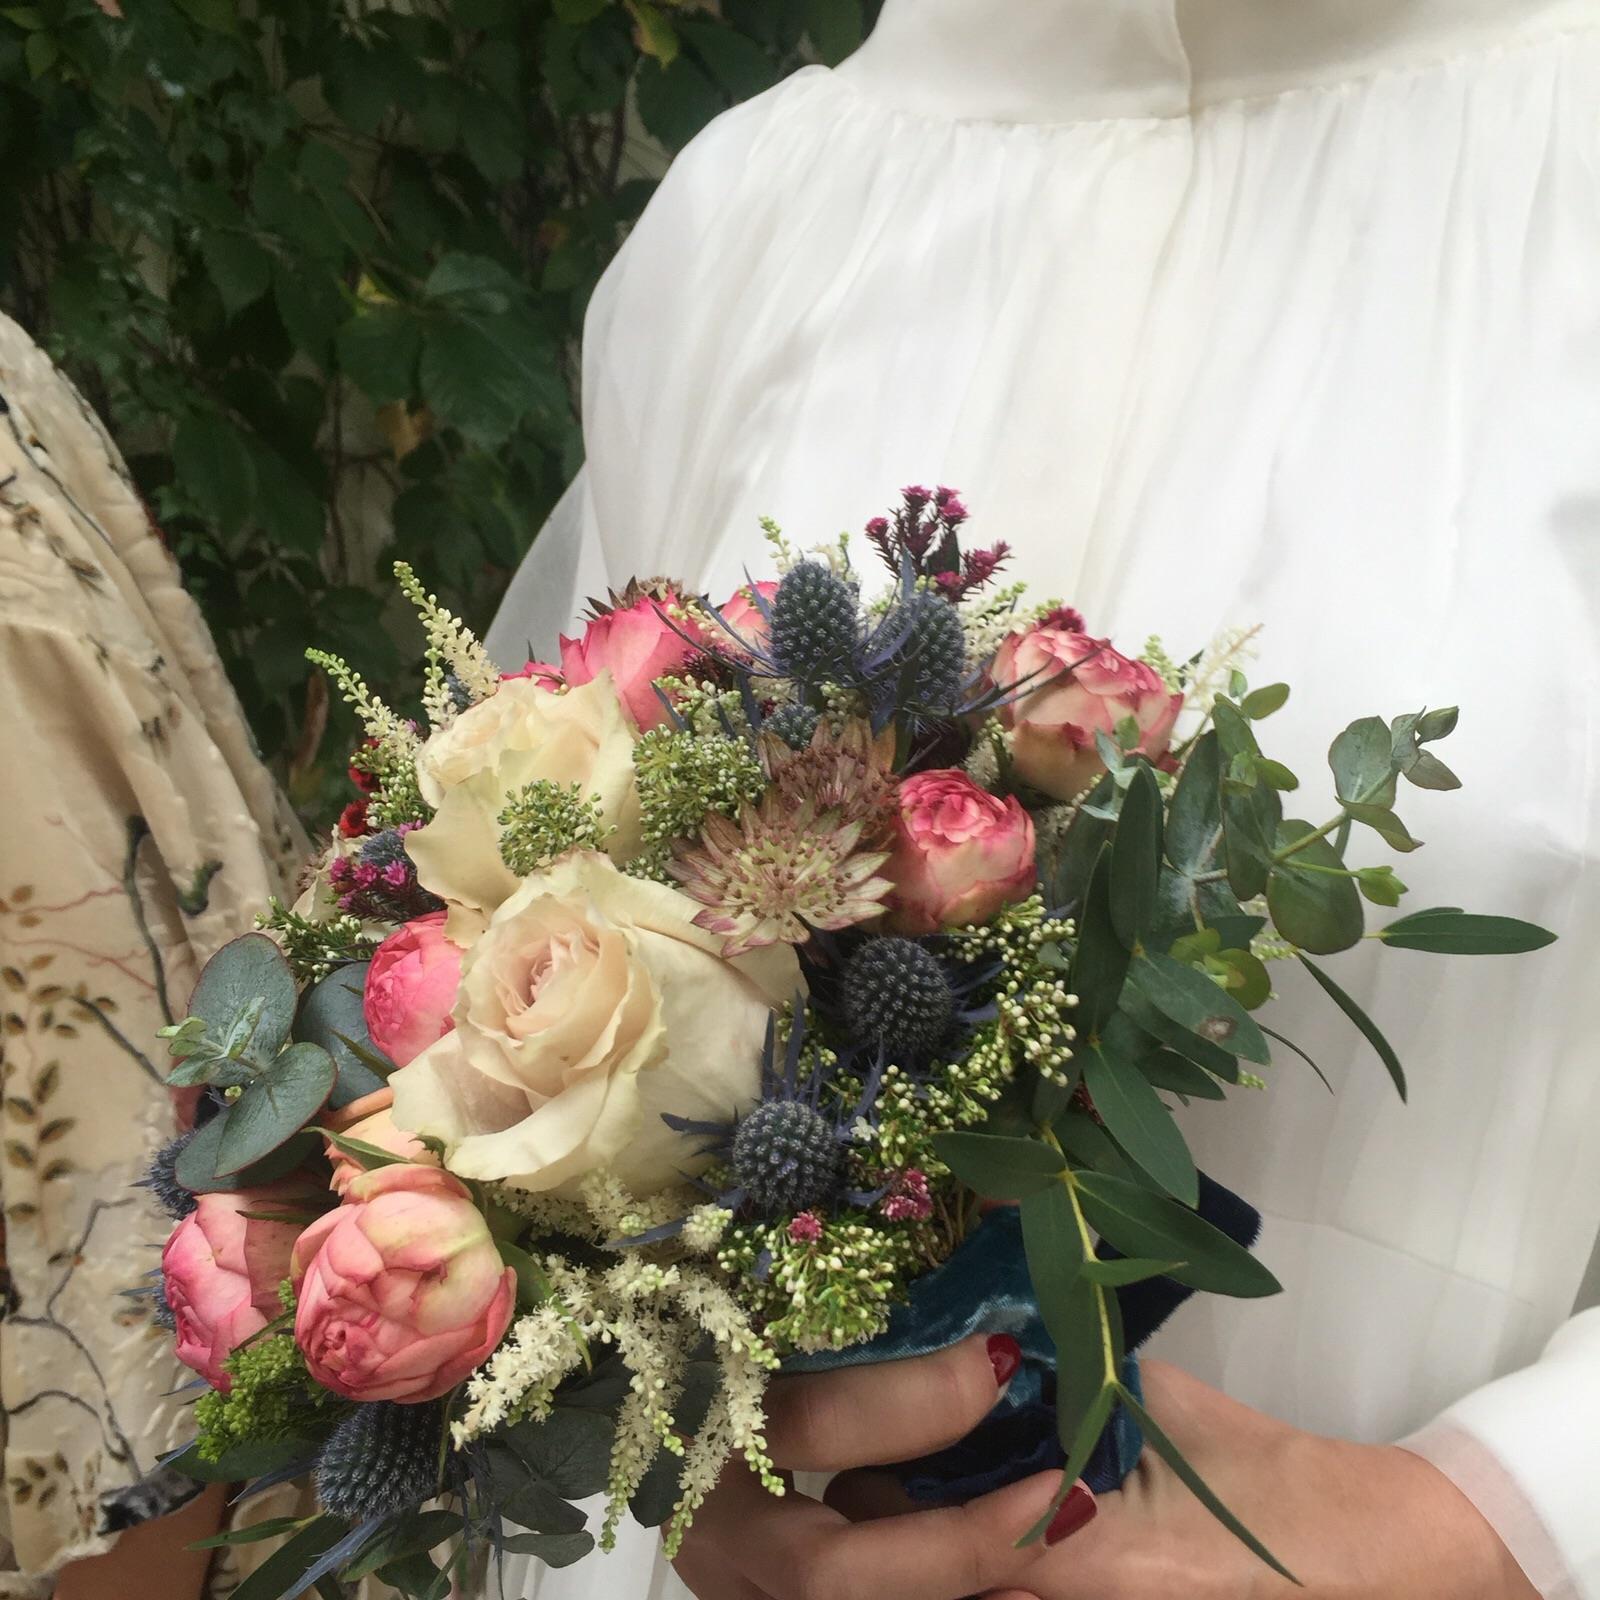 puedes ver nuestros dos post anteriores de ramos de novias en sevilla ramos de novias by crtamo flores ramos de novias by crtamo flores ii parte